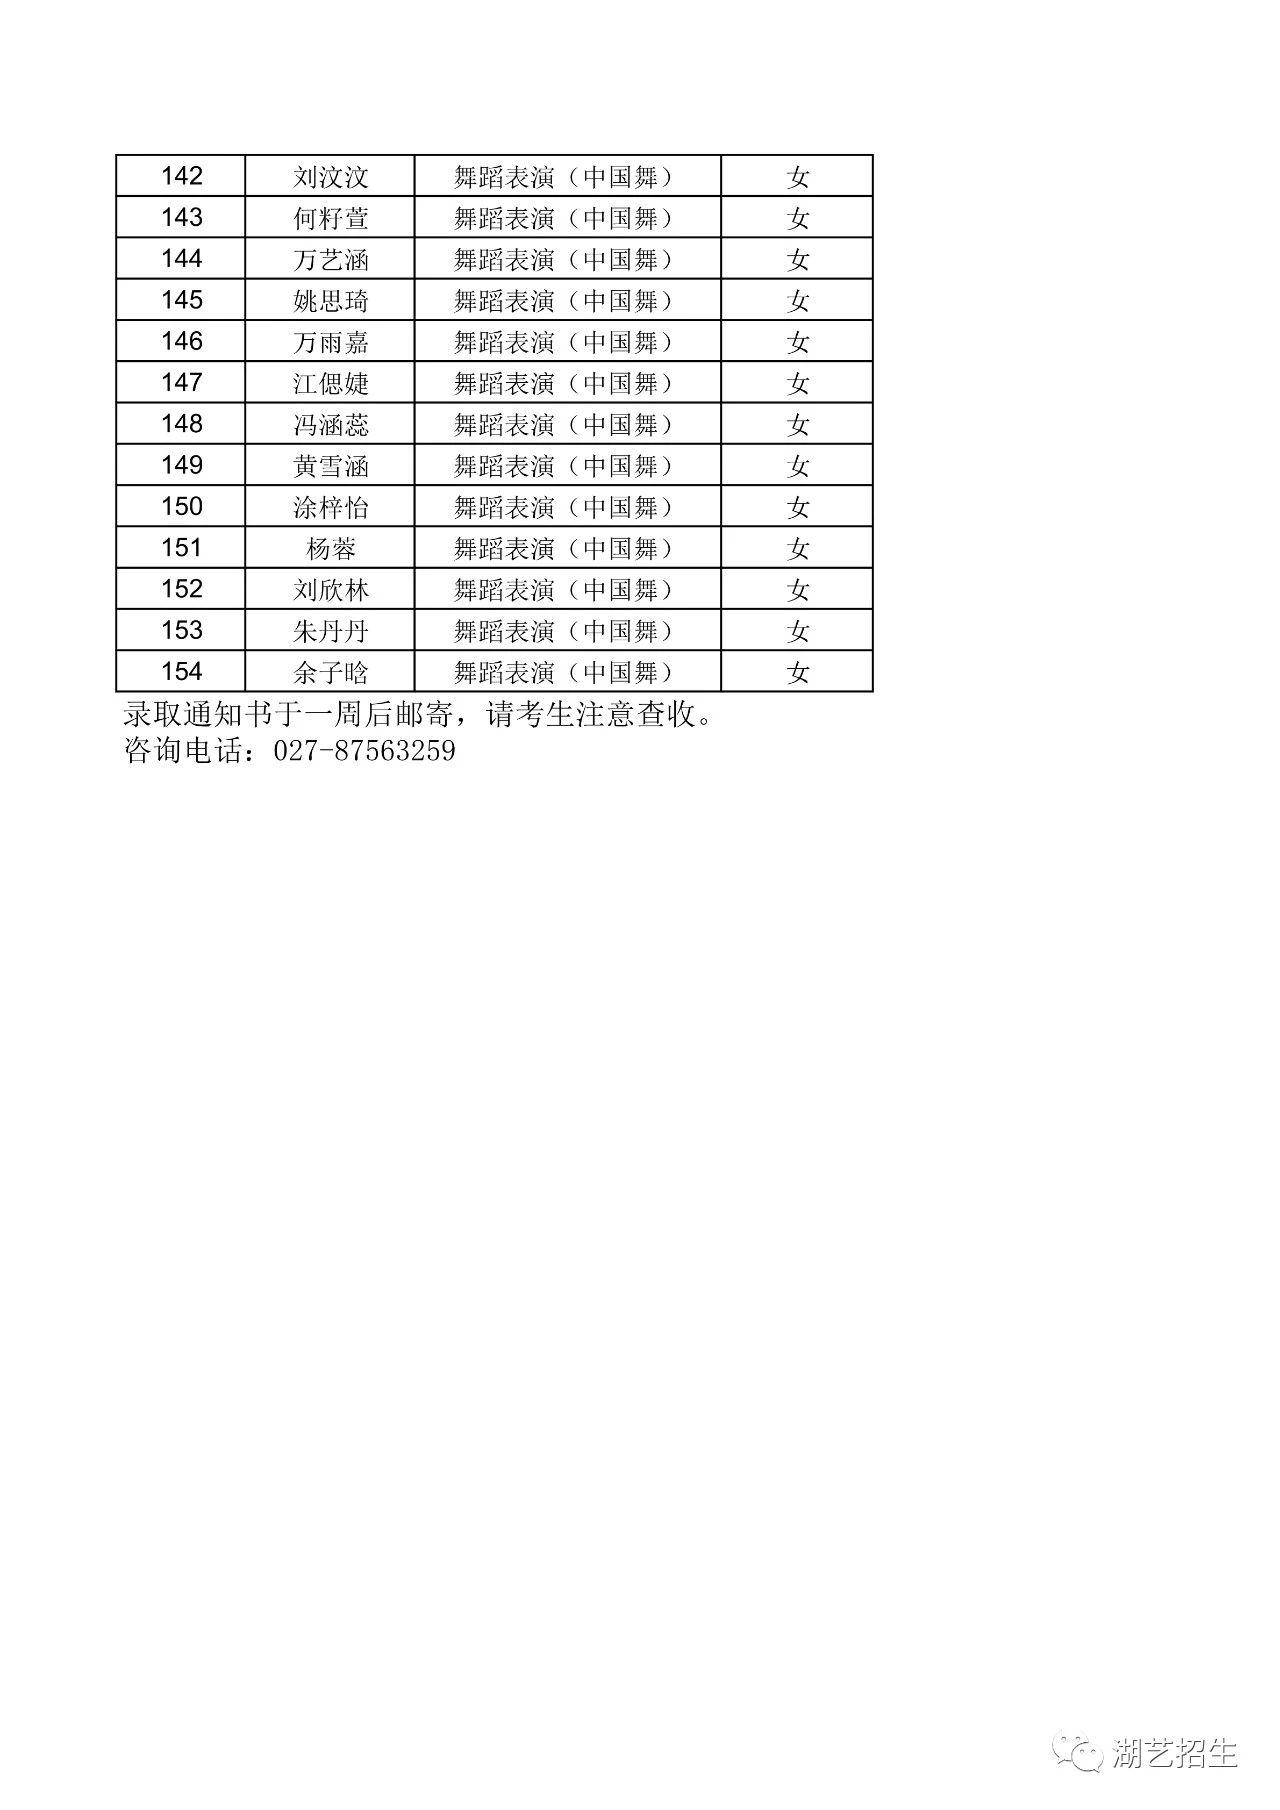 2021年湖北省艺术学校招生拟录取名单